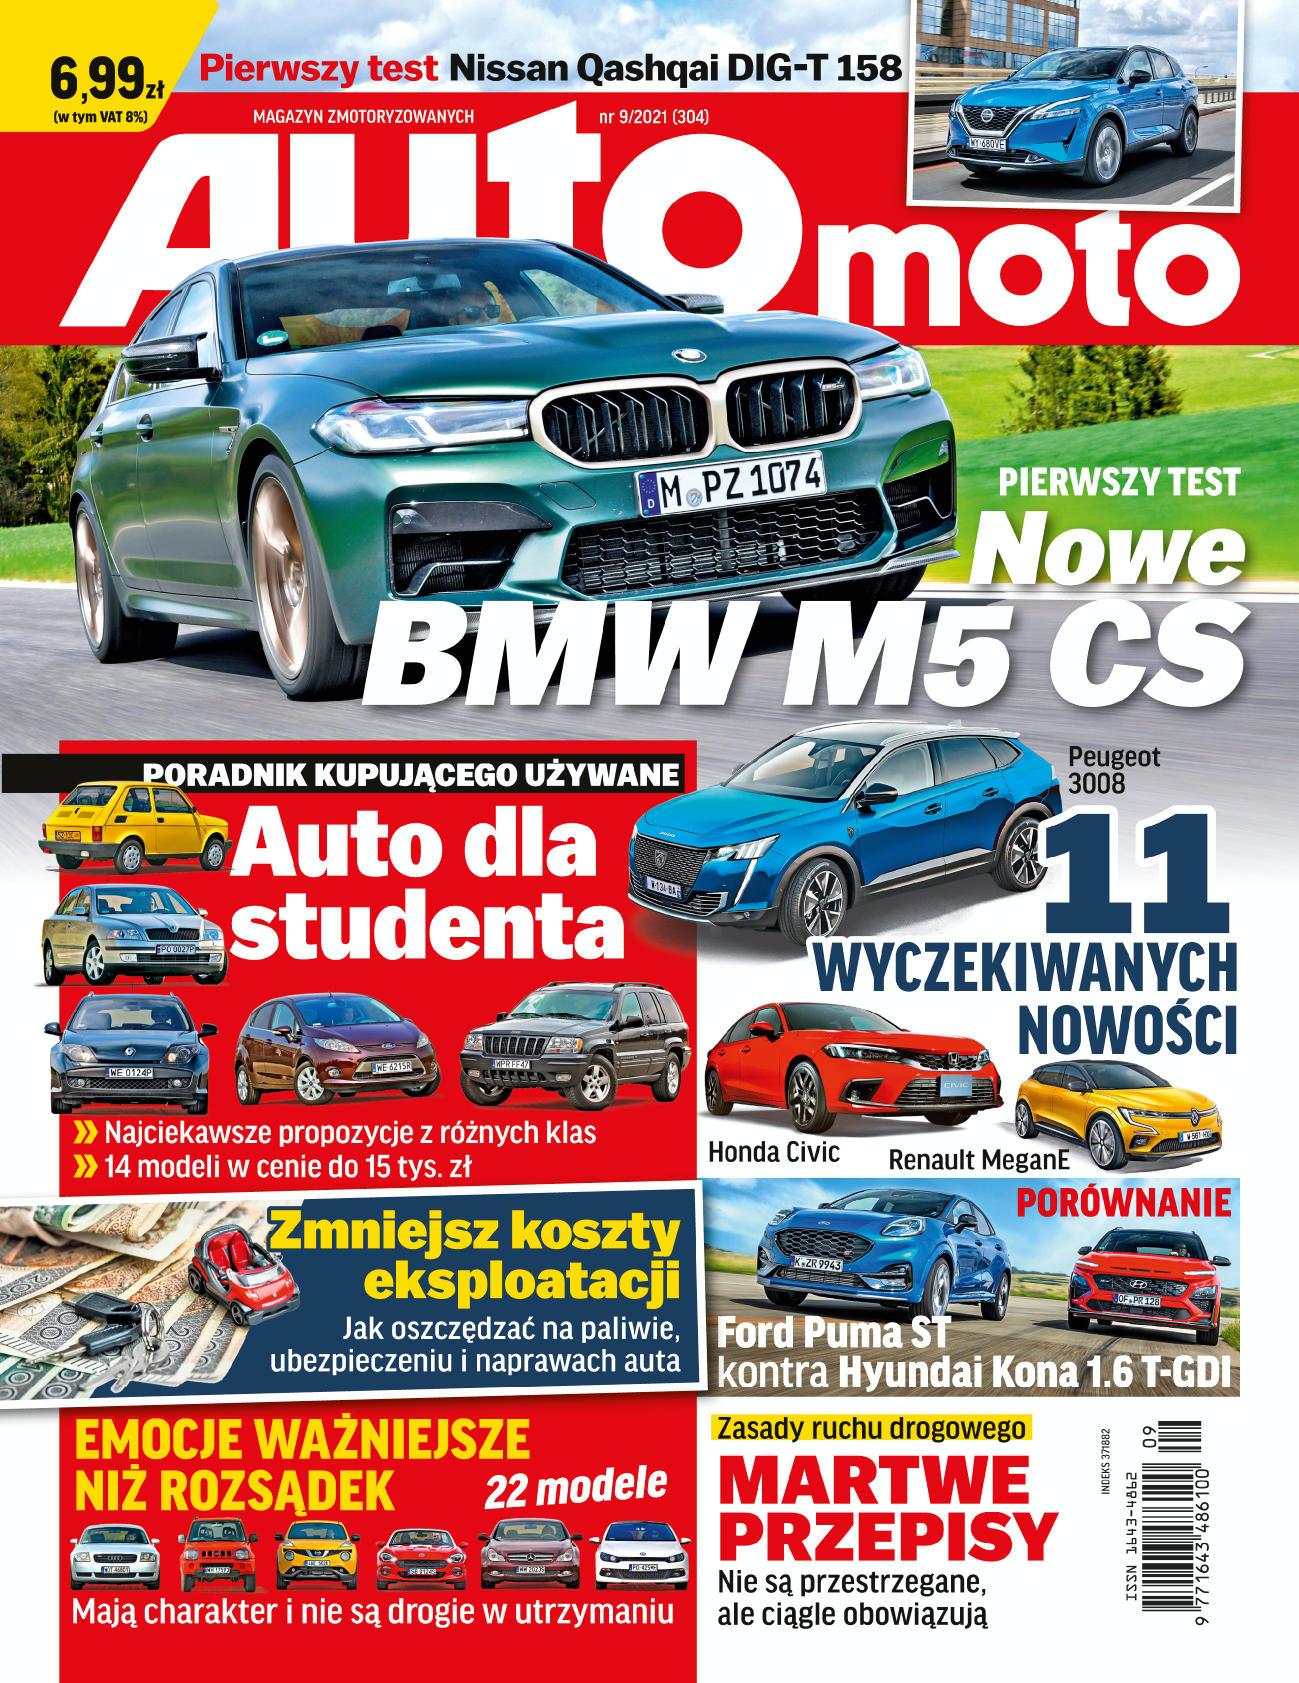 okładka Auto Moto nr 9 z2021 roku